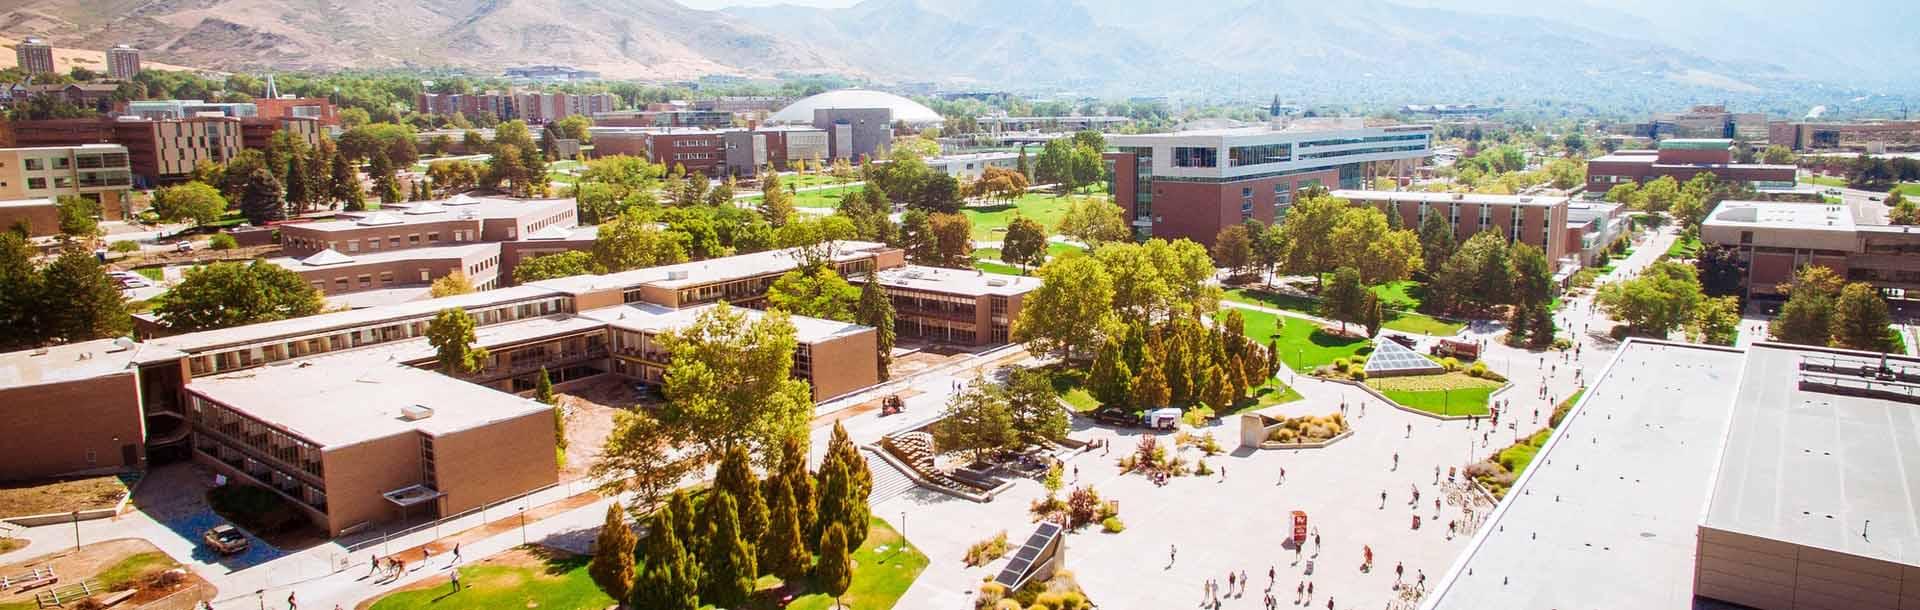 bg-aerial-view-of-campus